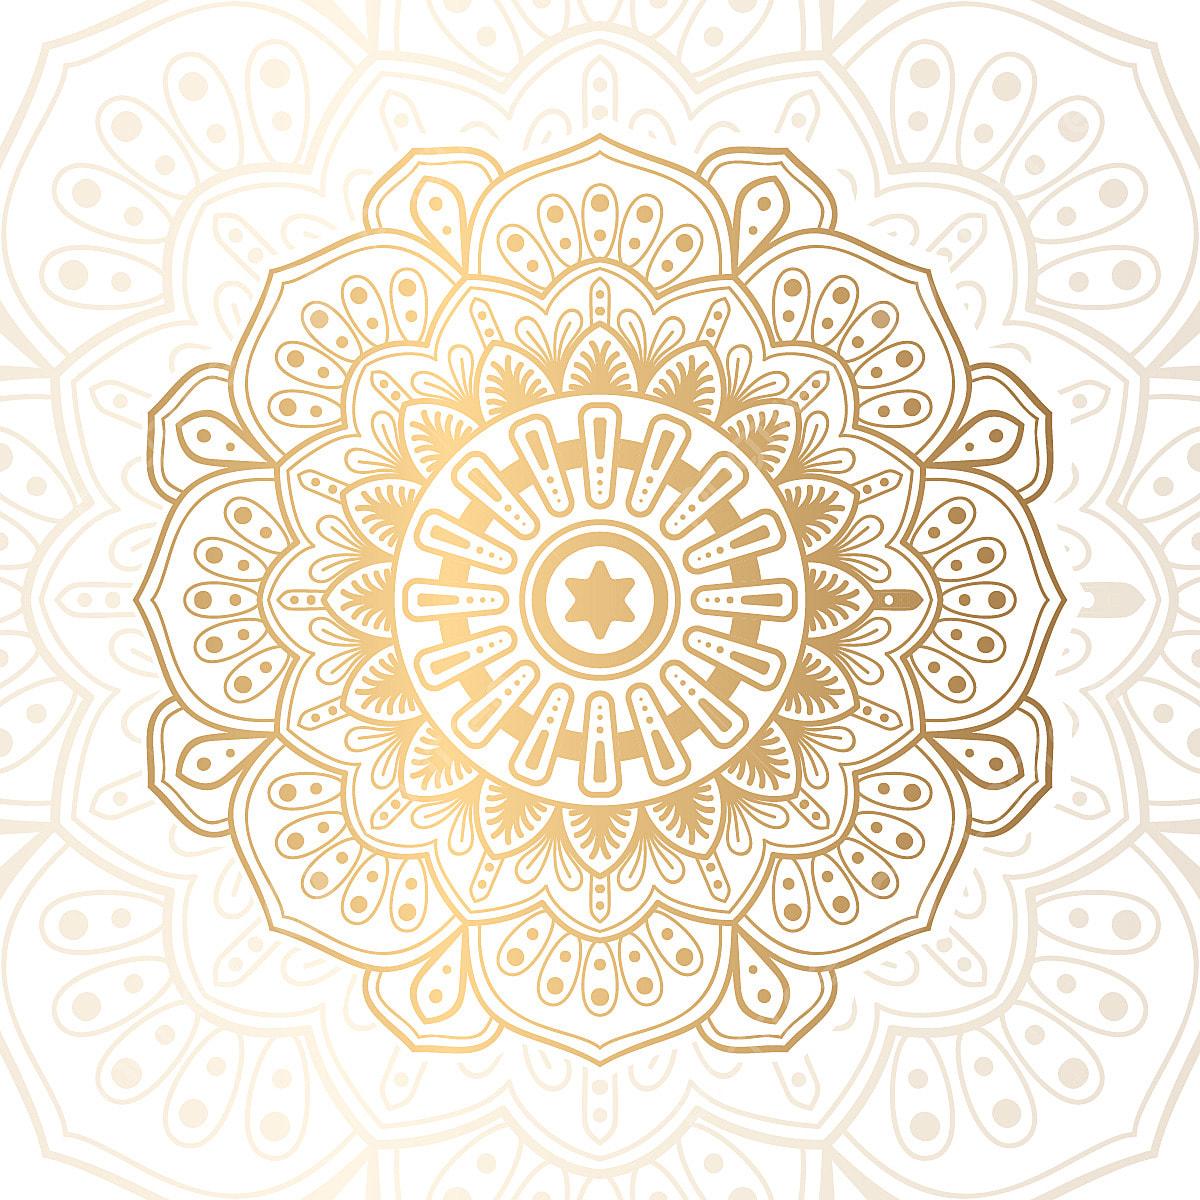 dise u00f1o de lujo mandala resumen la abstracci u00f3n  u00e1rabe png y